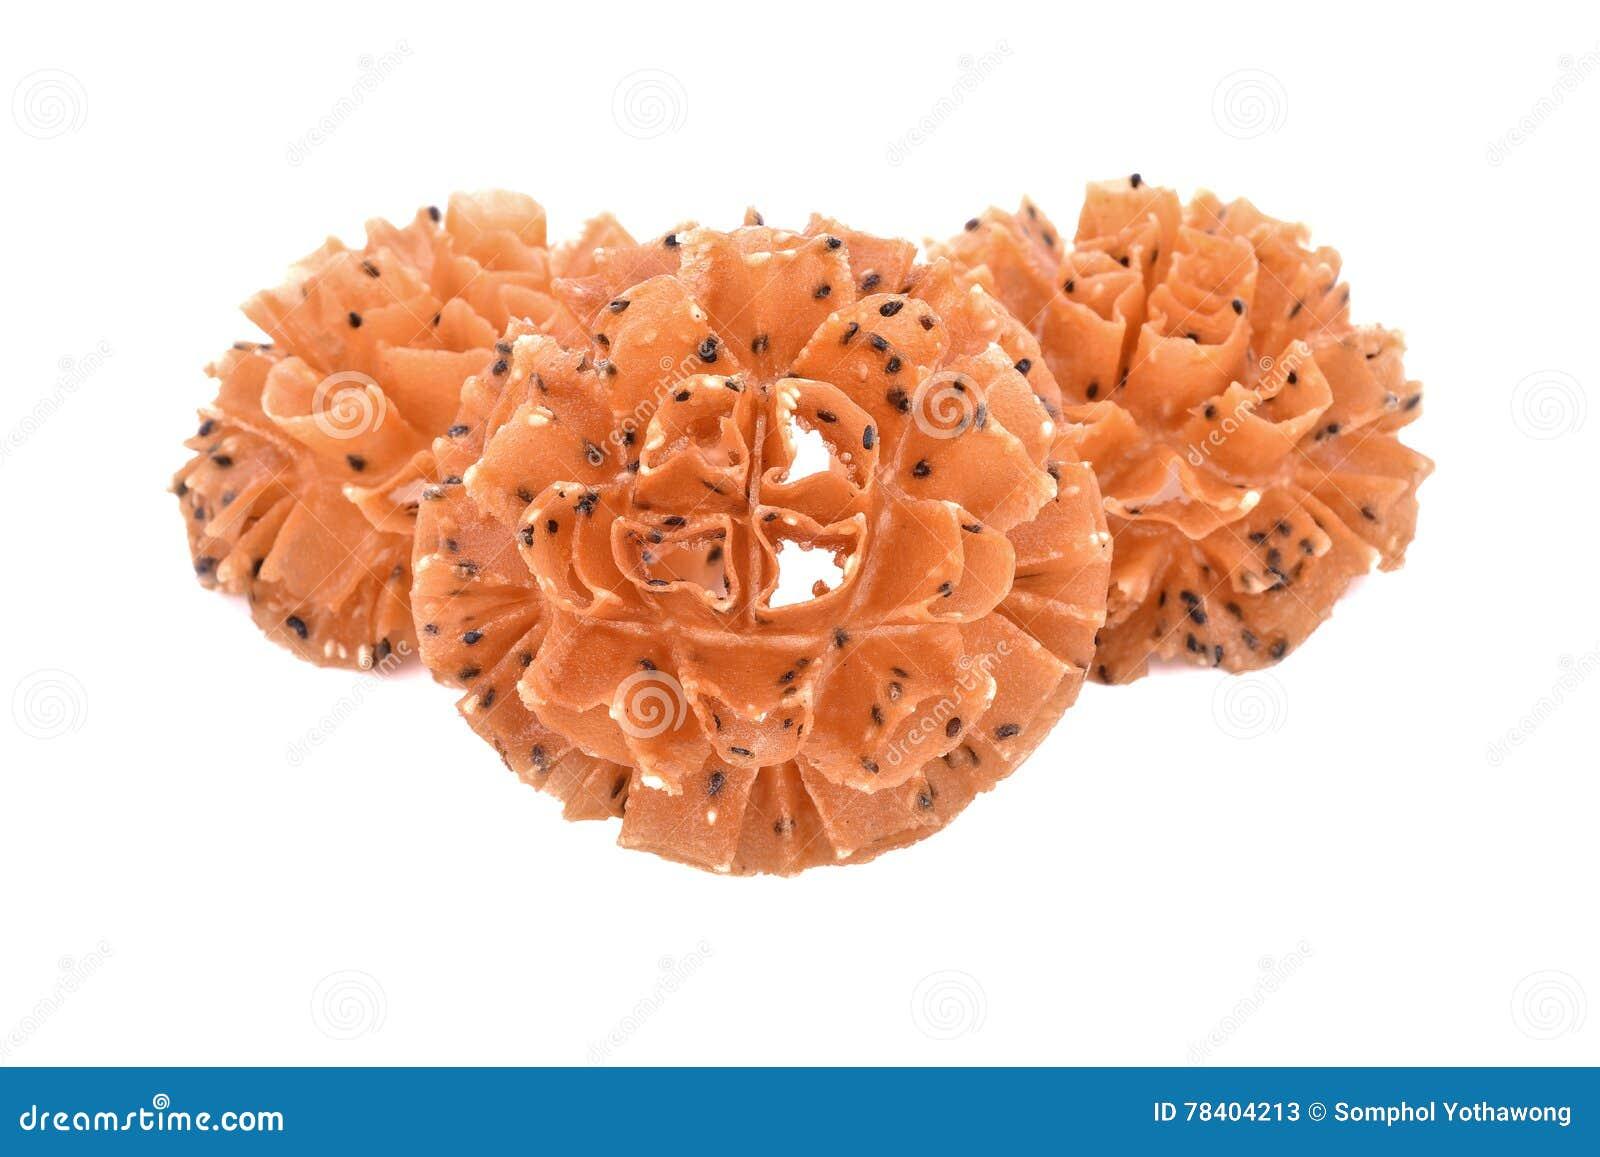 Crispy Lotus Blossom Cookiethai Cookies Isolate On White Back